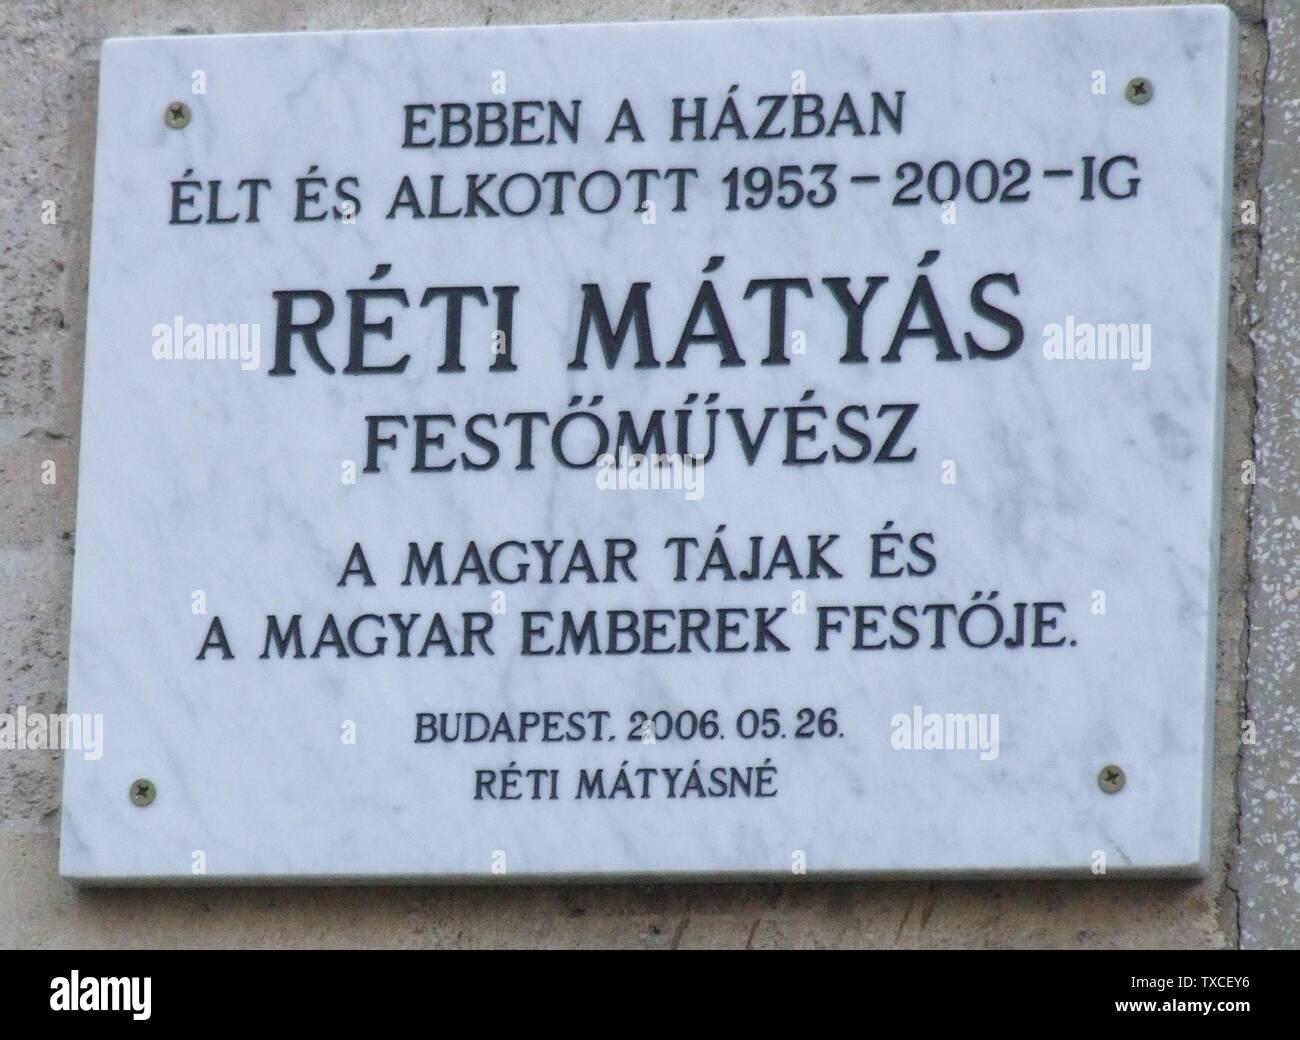 'Magyar: Réti Mátyás emléktáblája, 2006-ban helyezték el, 1953 és 2002 között lakott itt. Az épület a Kosciuszkó Tádé utca 14-20. épületekkel, valamint a Márvány u. 1/b. sz. épülettel együttest alkot. Az egyes épületek tervezĞi (Forrás: Ferkai András: Buda építészete a két világháború között, Bp. 1995. 50. old.): Márvány u. 1/b. Platschek Imre, 1940, Kosciuszkó Tádé u. 14. – Preisich Gábor és Gerle György, 1941;  Kosciuszkó Tádé u. 16. – Hajós Alfréd, 1941;  Kosciuszkó Tádé u. 18. – Hámor (Hamburger) István, 1941; Kosciuszkó Tádé u. 20. Falus Lajos, 1941. - Magyarország, Budapest I. kerület, K - Stock Image